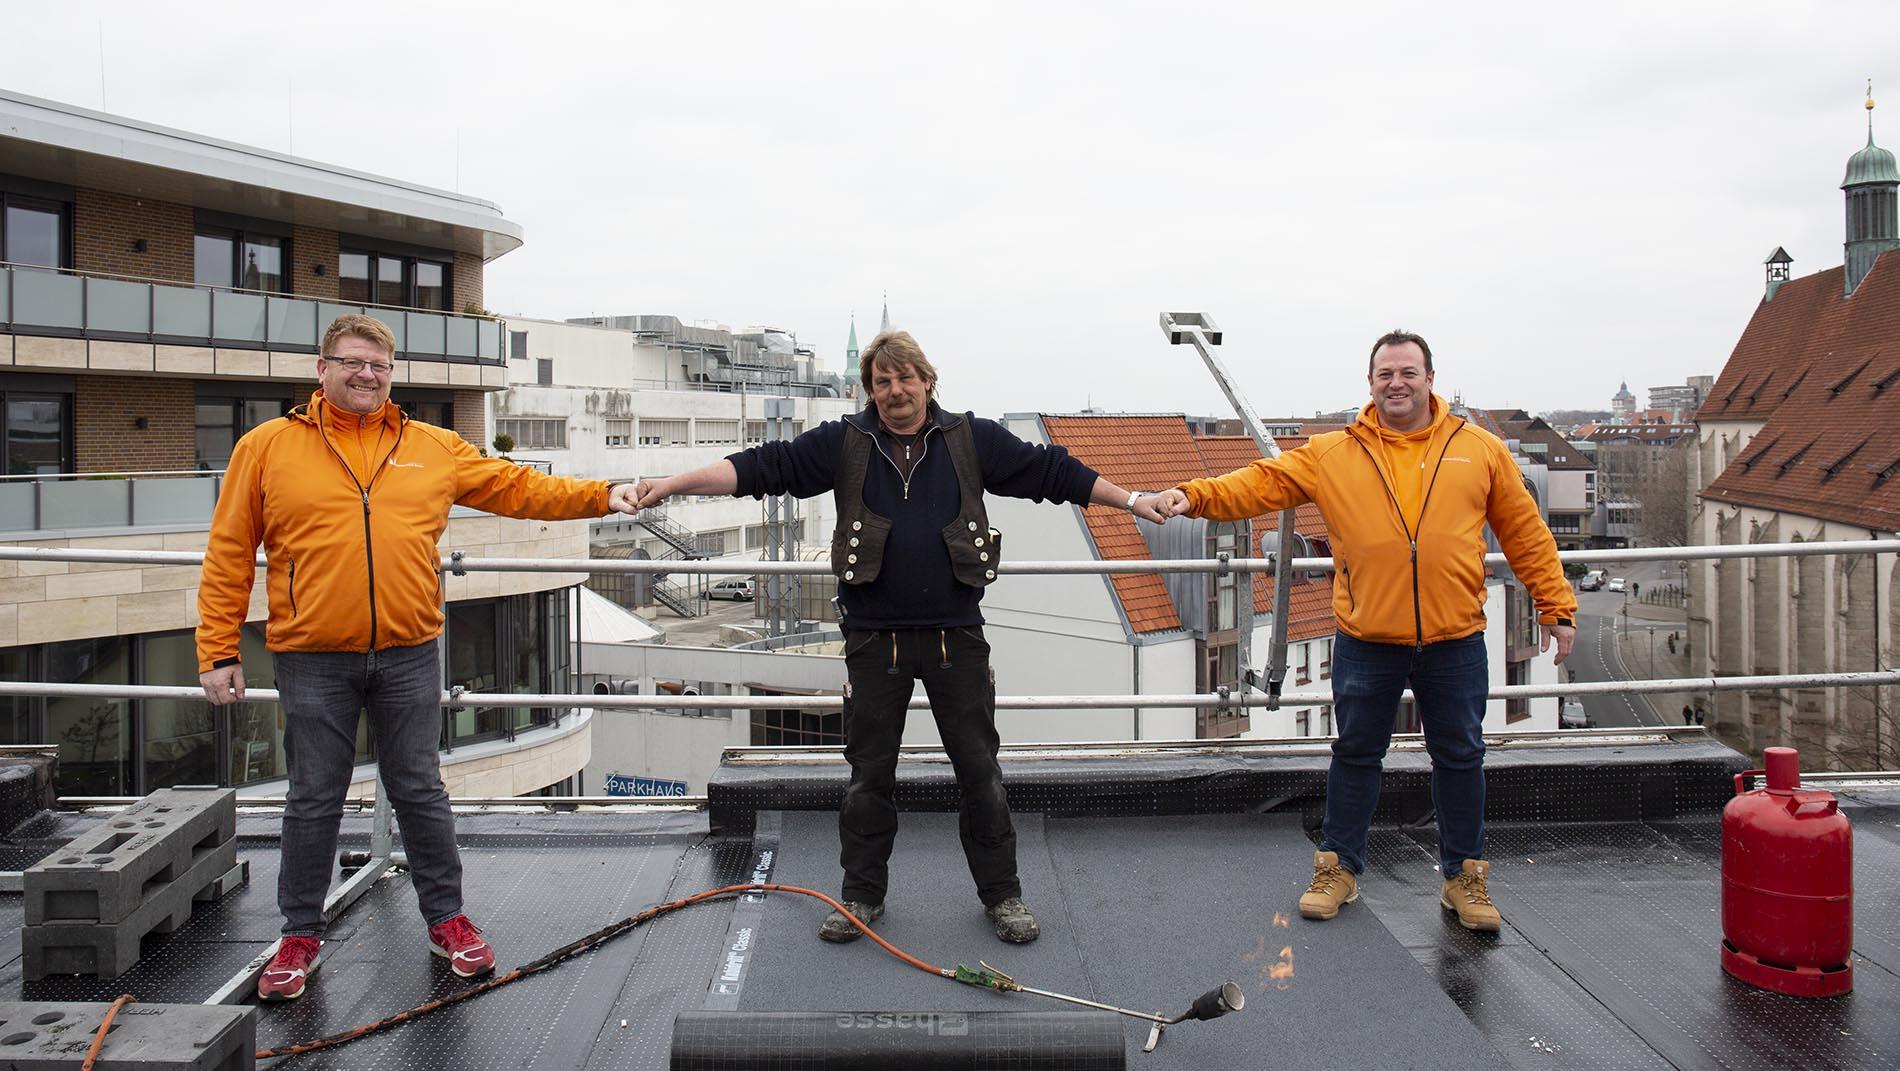 Dachdecker Frank Bauer (M.) mit Dachdeckermeister Peter (l.) und Dirk Marske (r.)